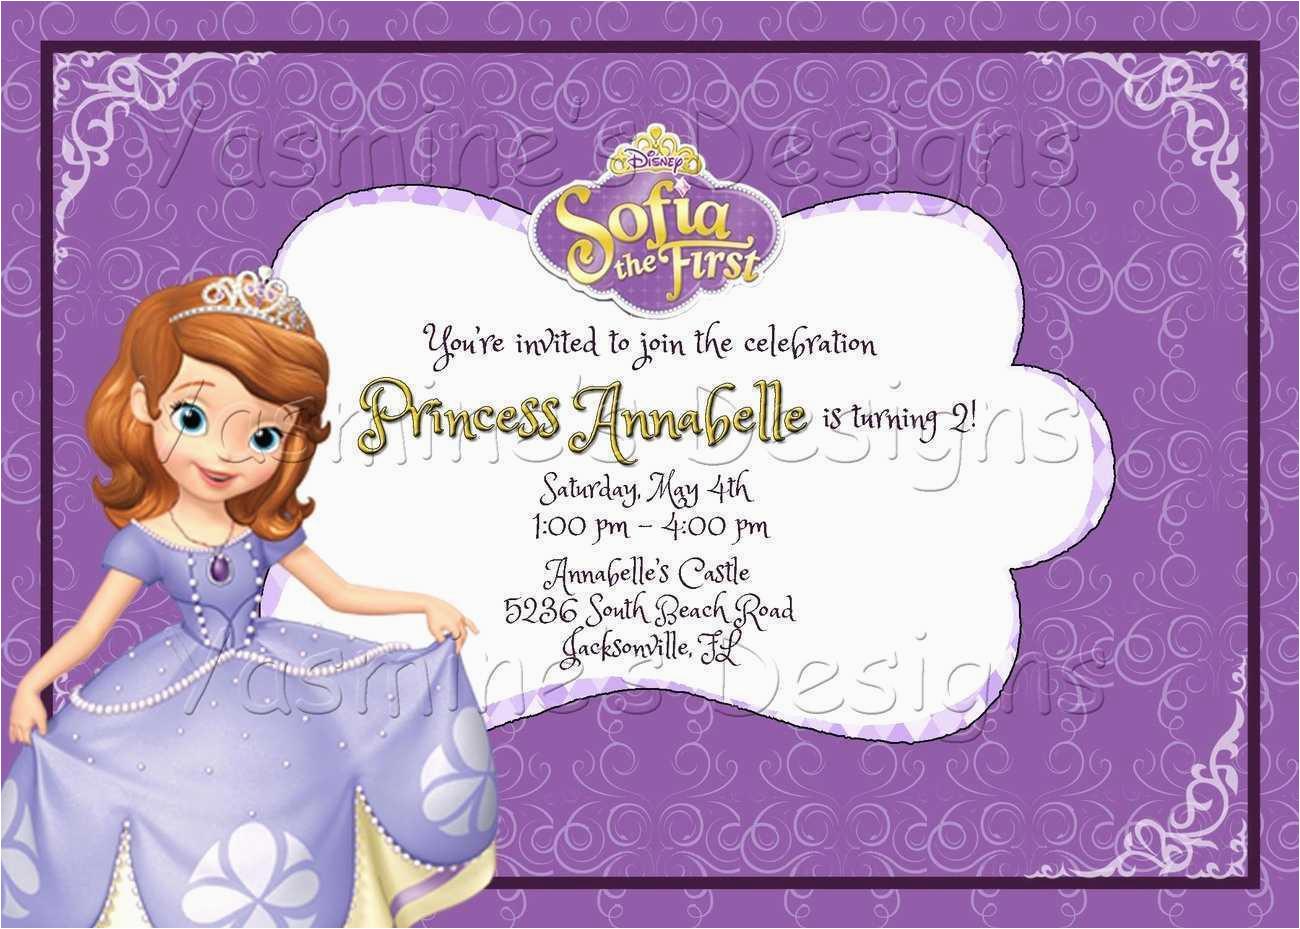 Cvs Birthday Invitation Cards Cvs Birthday Cards Inspirational sofia the First Printable